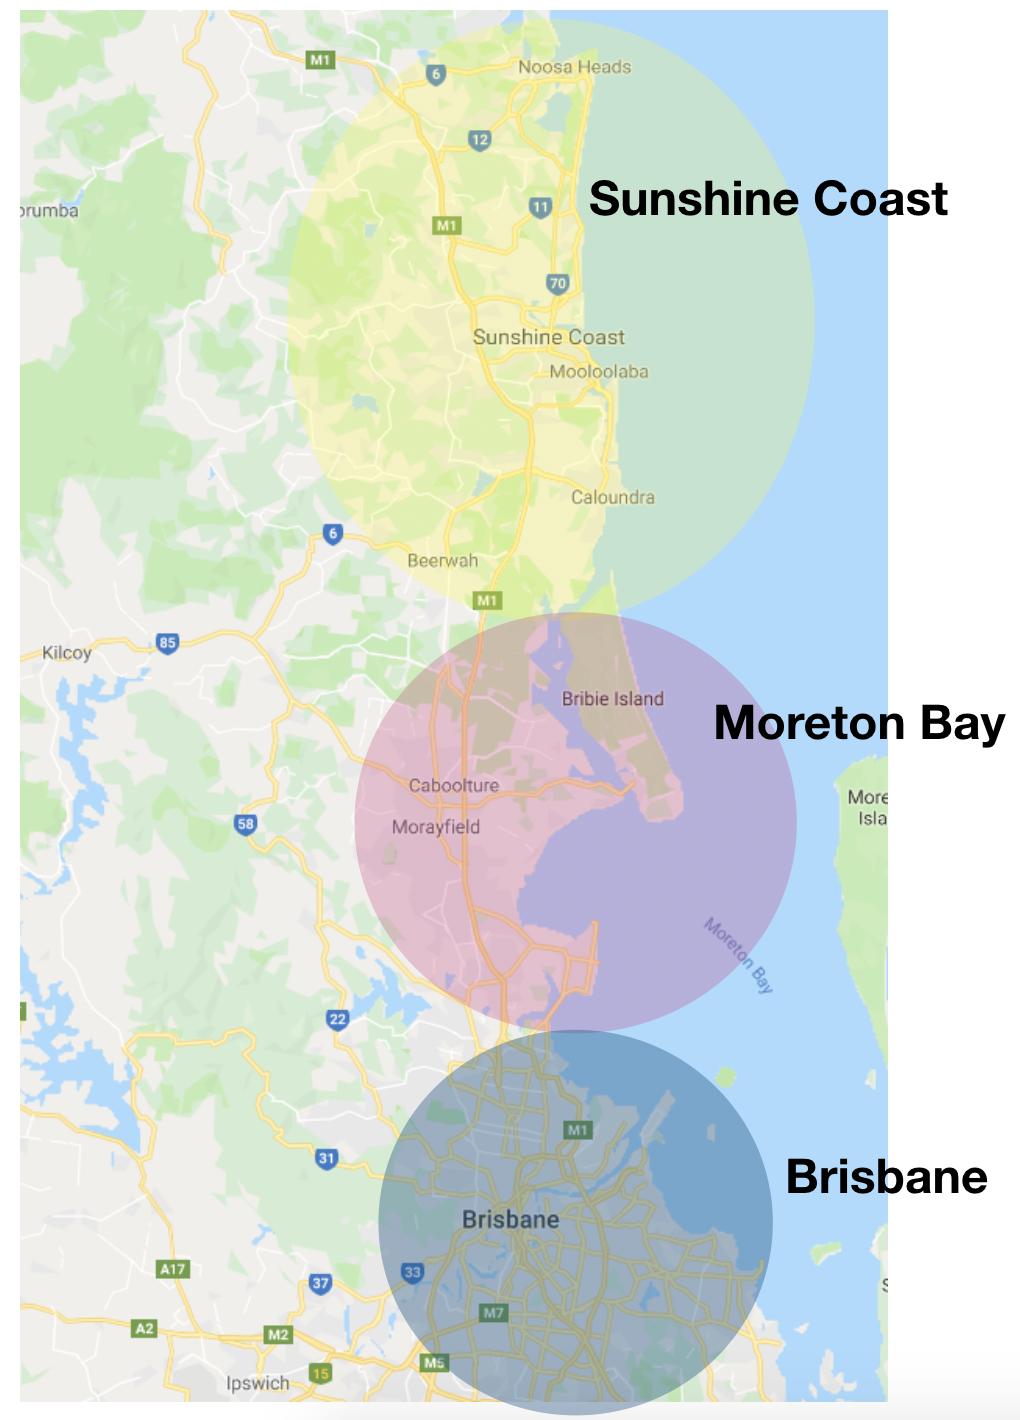 Rental Property Management - Brisbane and Sunshine Coast